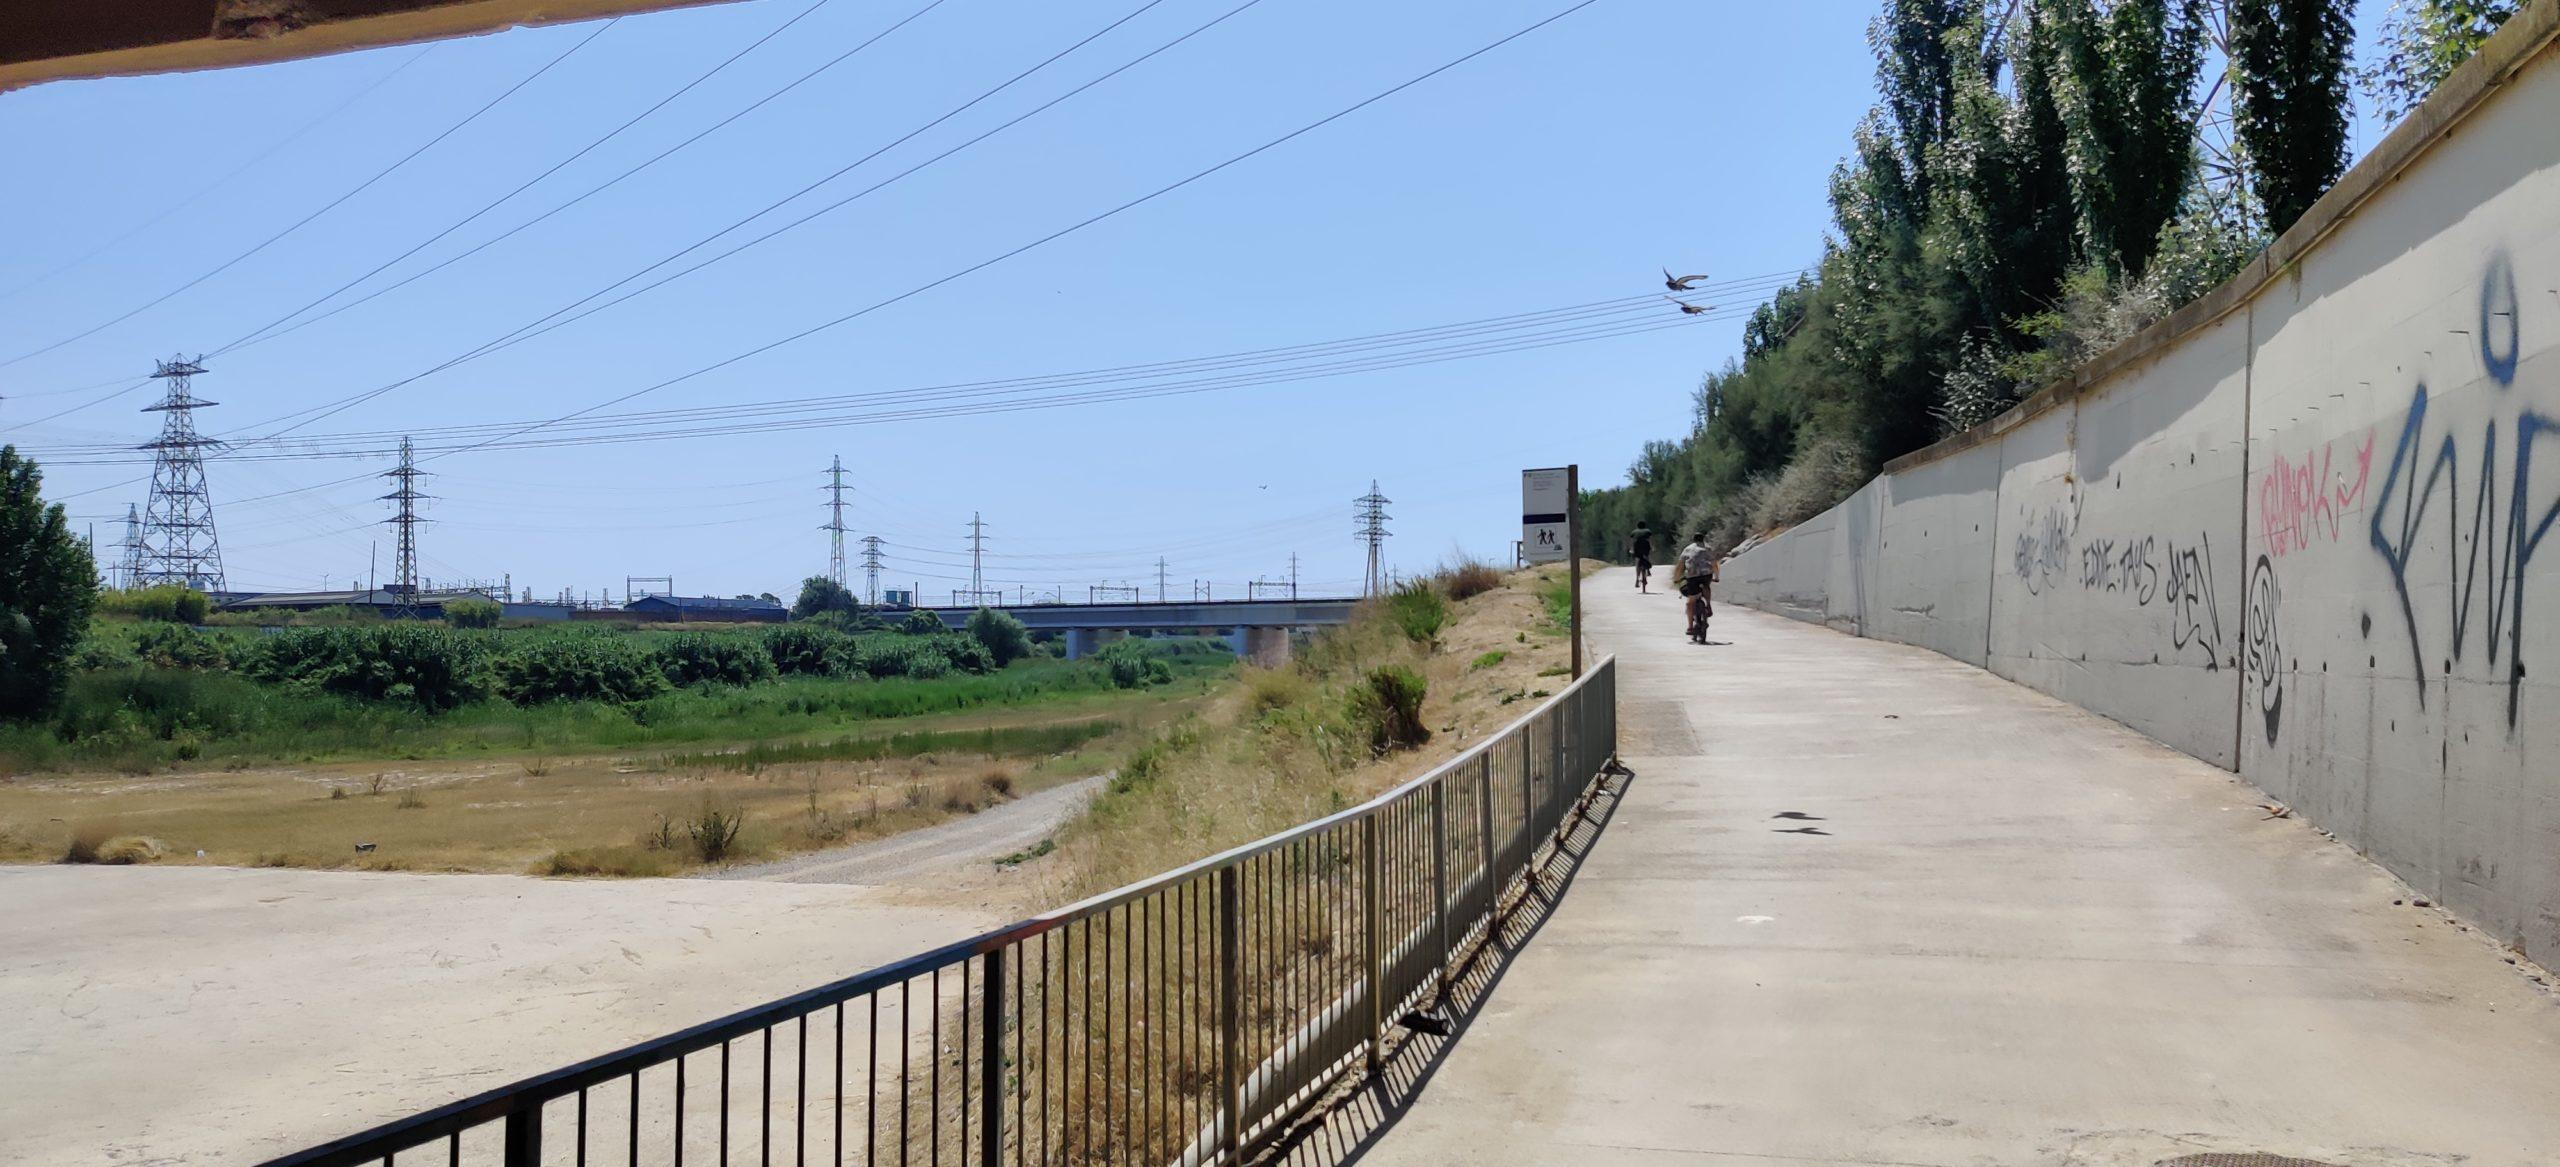 Pedalant a la vora del riu Llobregat.